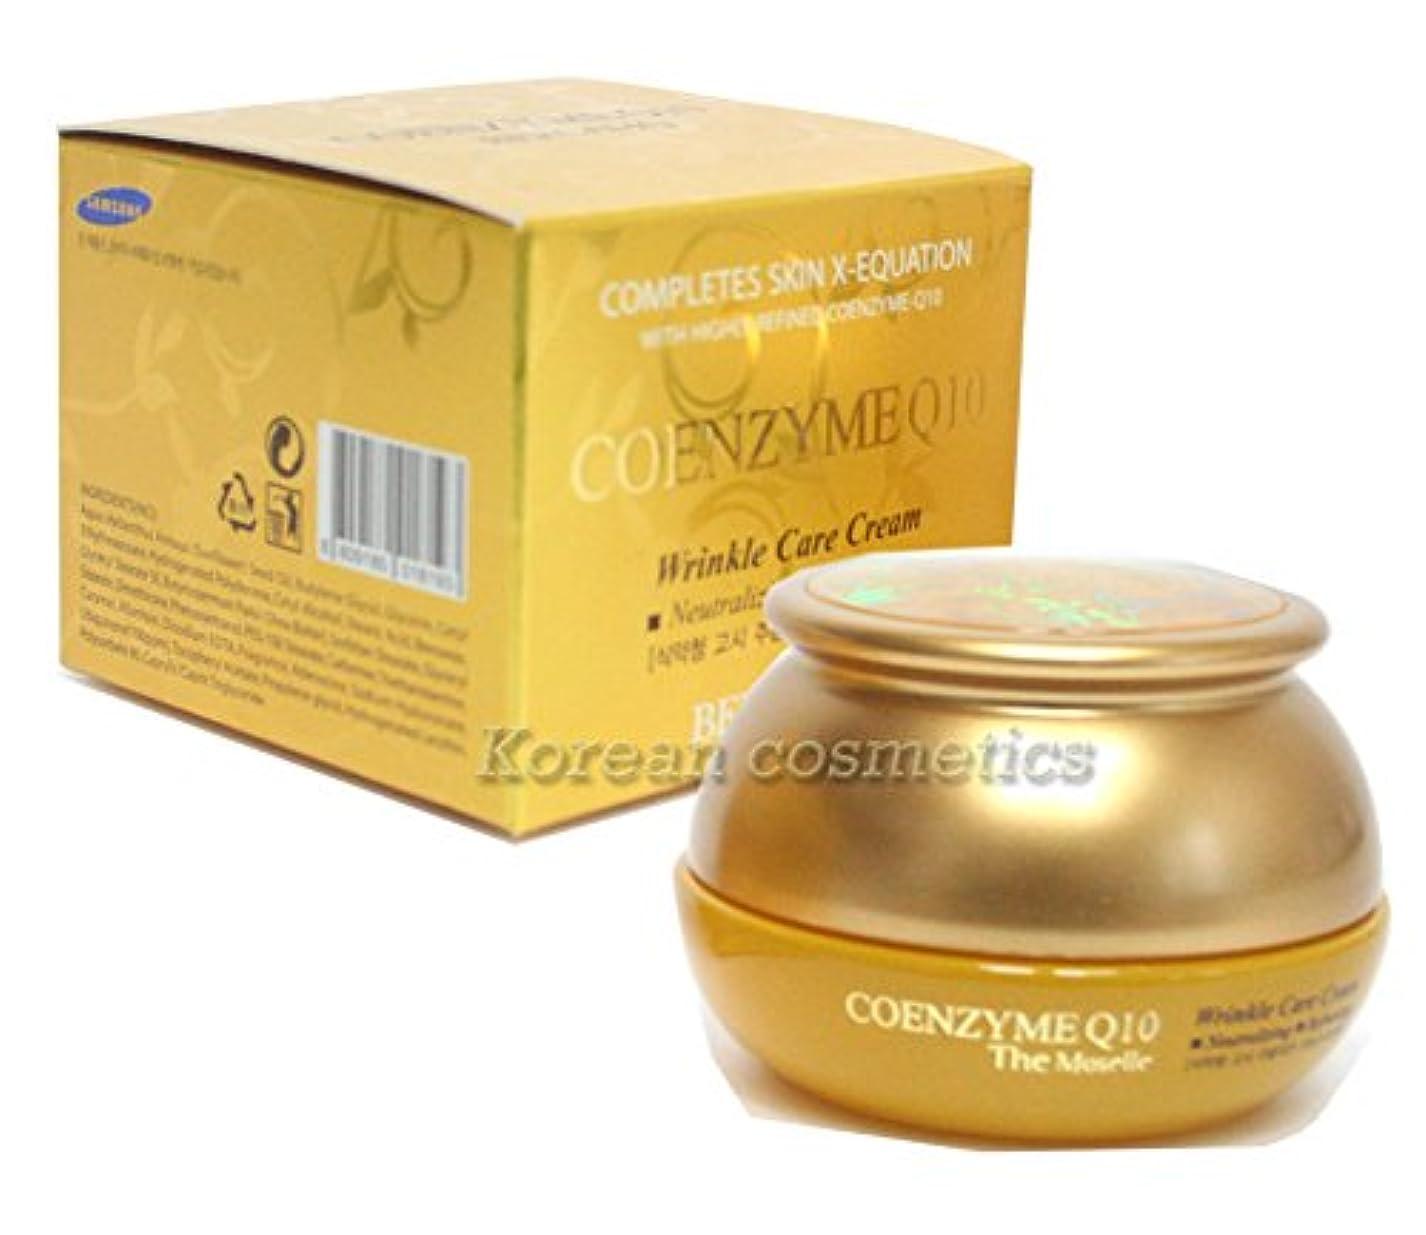 シェルター箱反乱【ベルガモ][Bergamo] モーゼルコエンザイムQ10クリーム50g / the Moselle Coenzyme Q10 Cream 50g / リンクルケア、弾力性 / Wrinkle Care,elasticity...